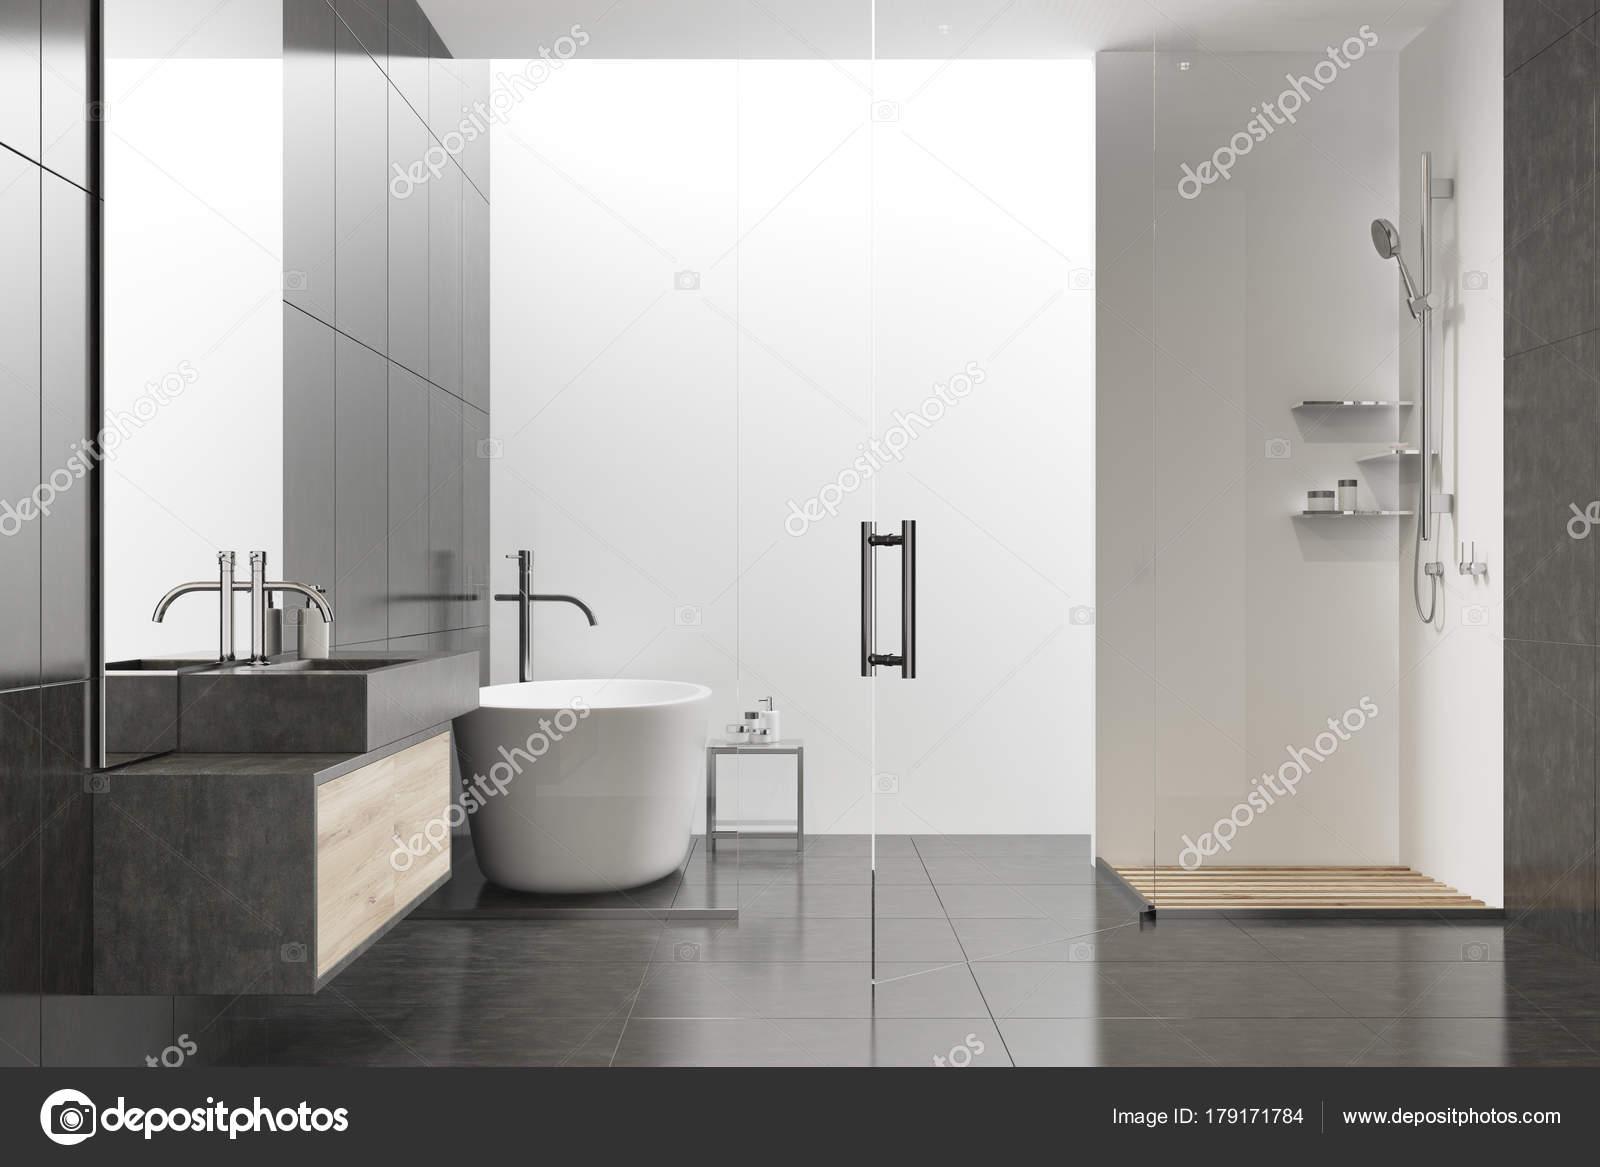 zwart-witte badkamer — Stockfoto © denisismagilov #179171784